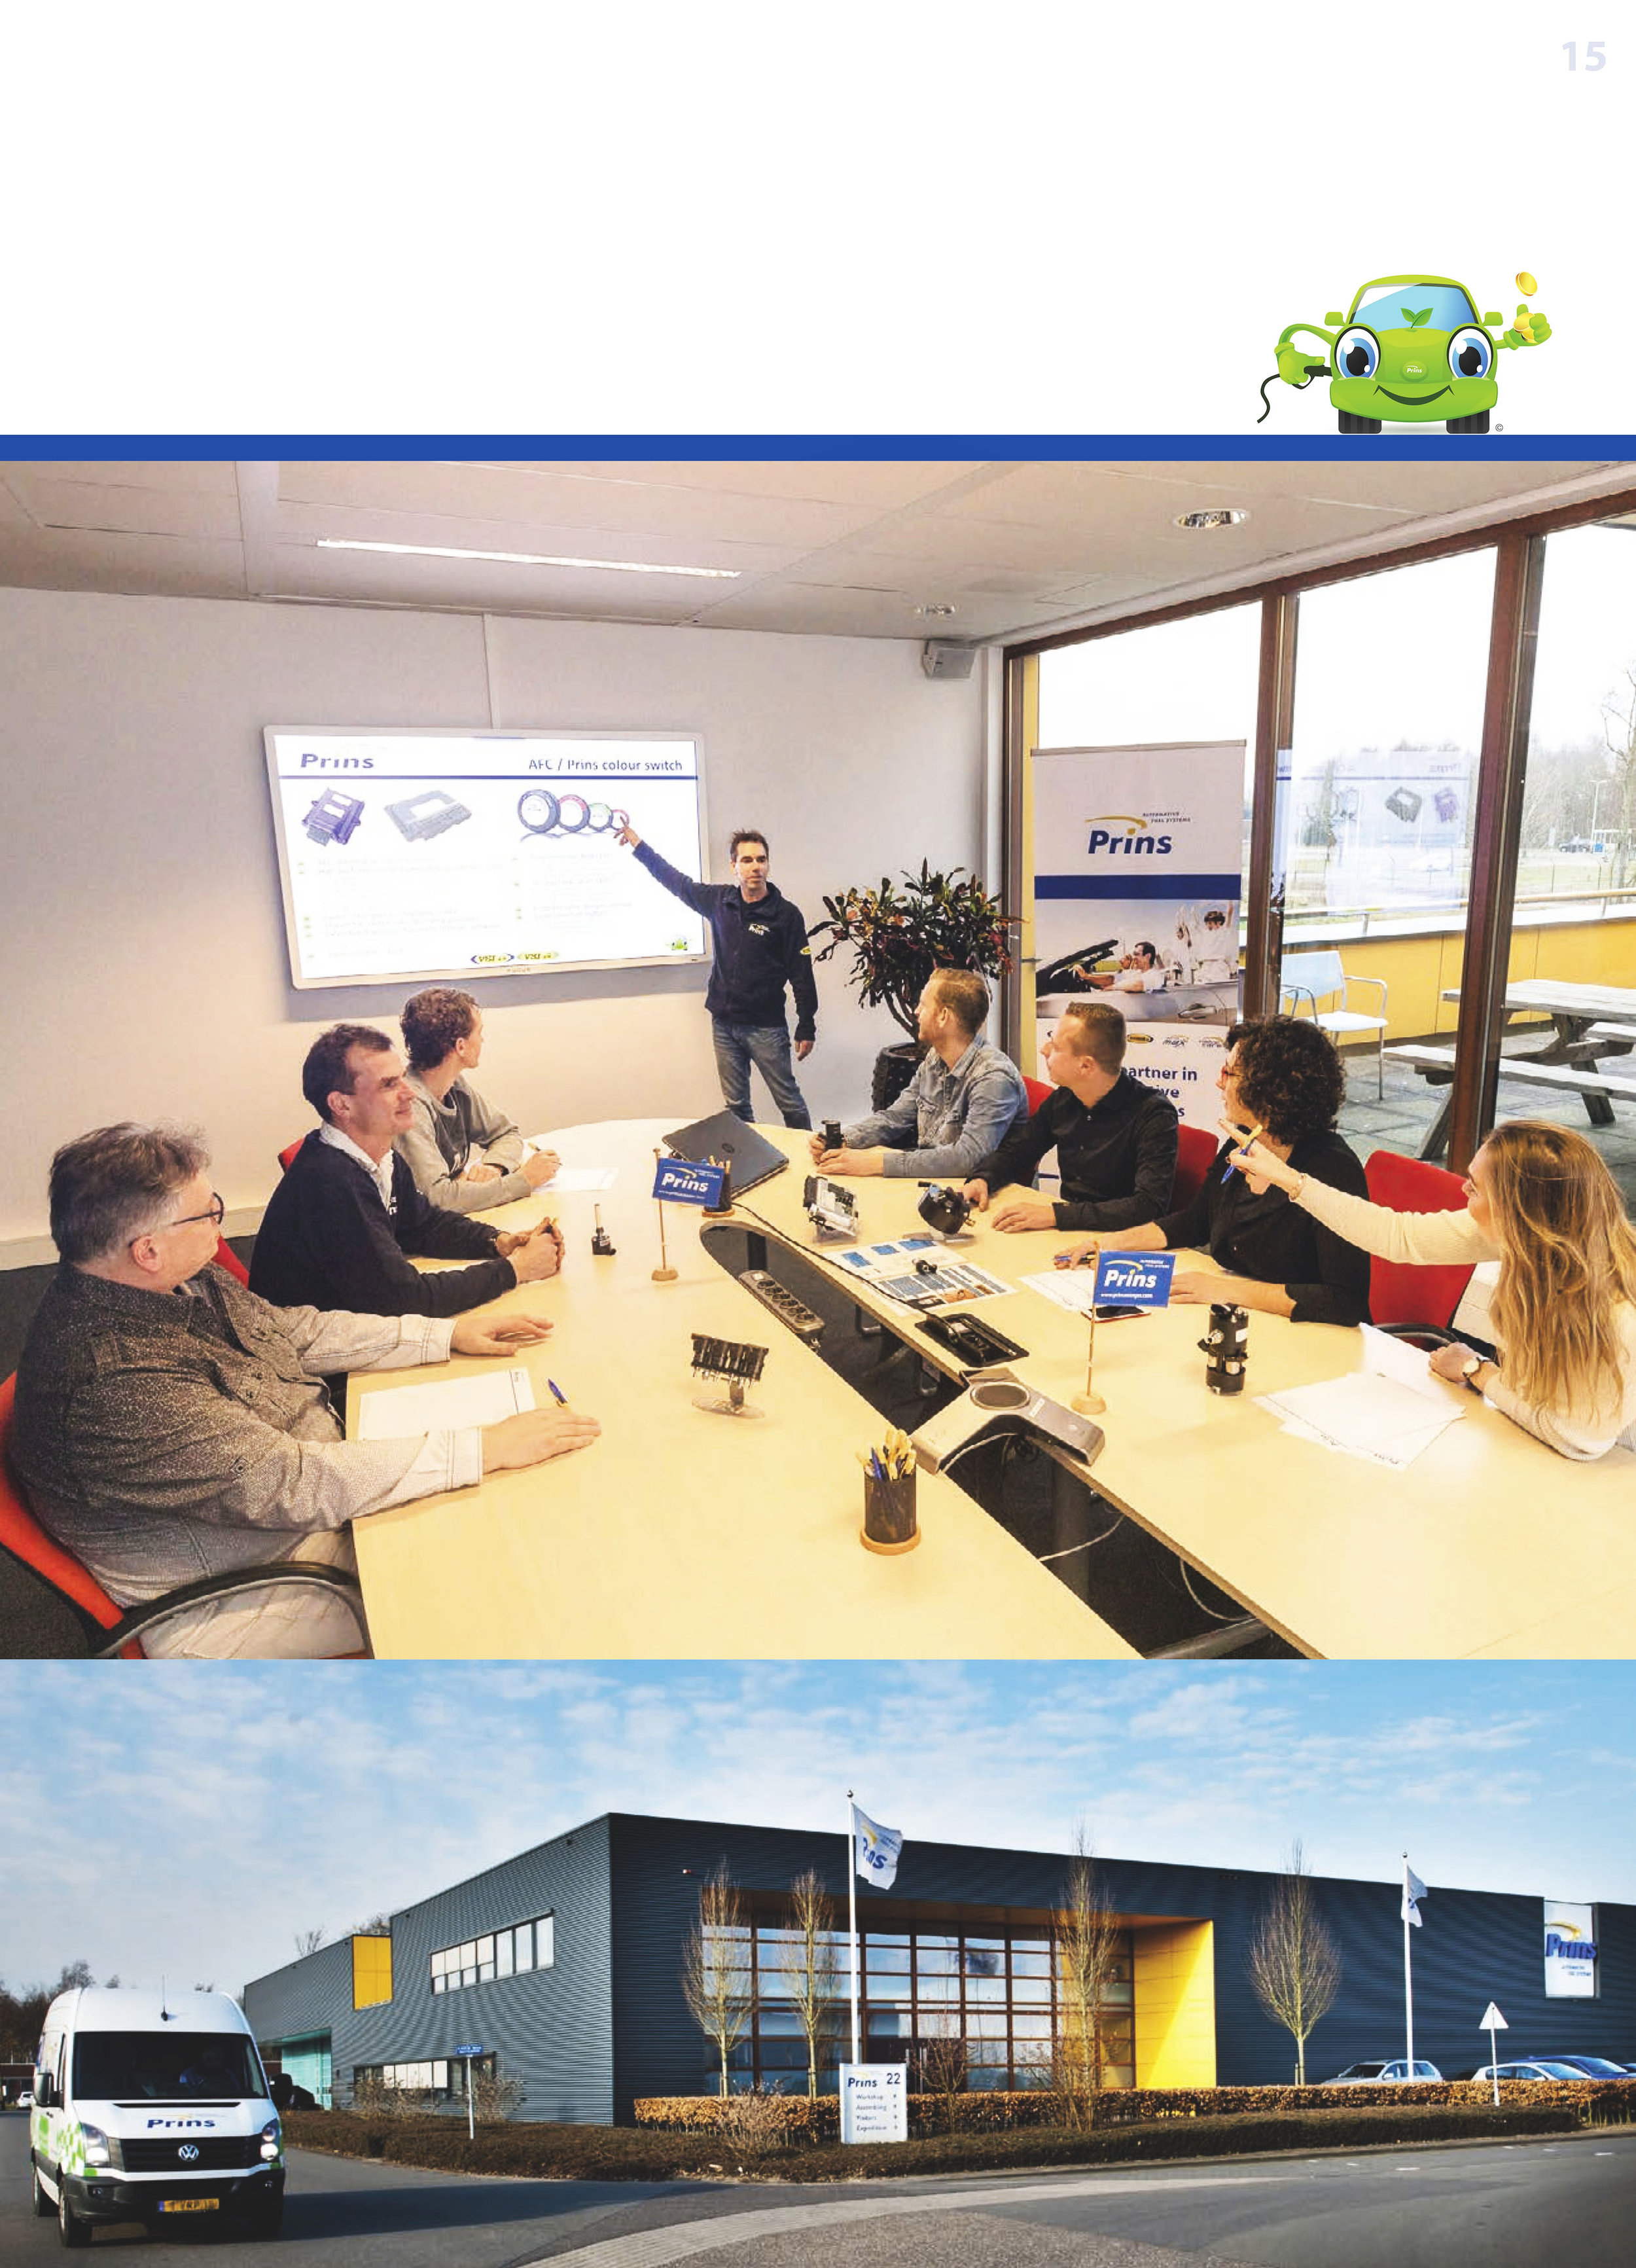 Prins_herdruk-brochure-2019_19-3-19-15.jpg